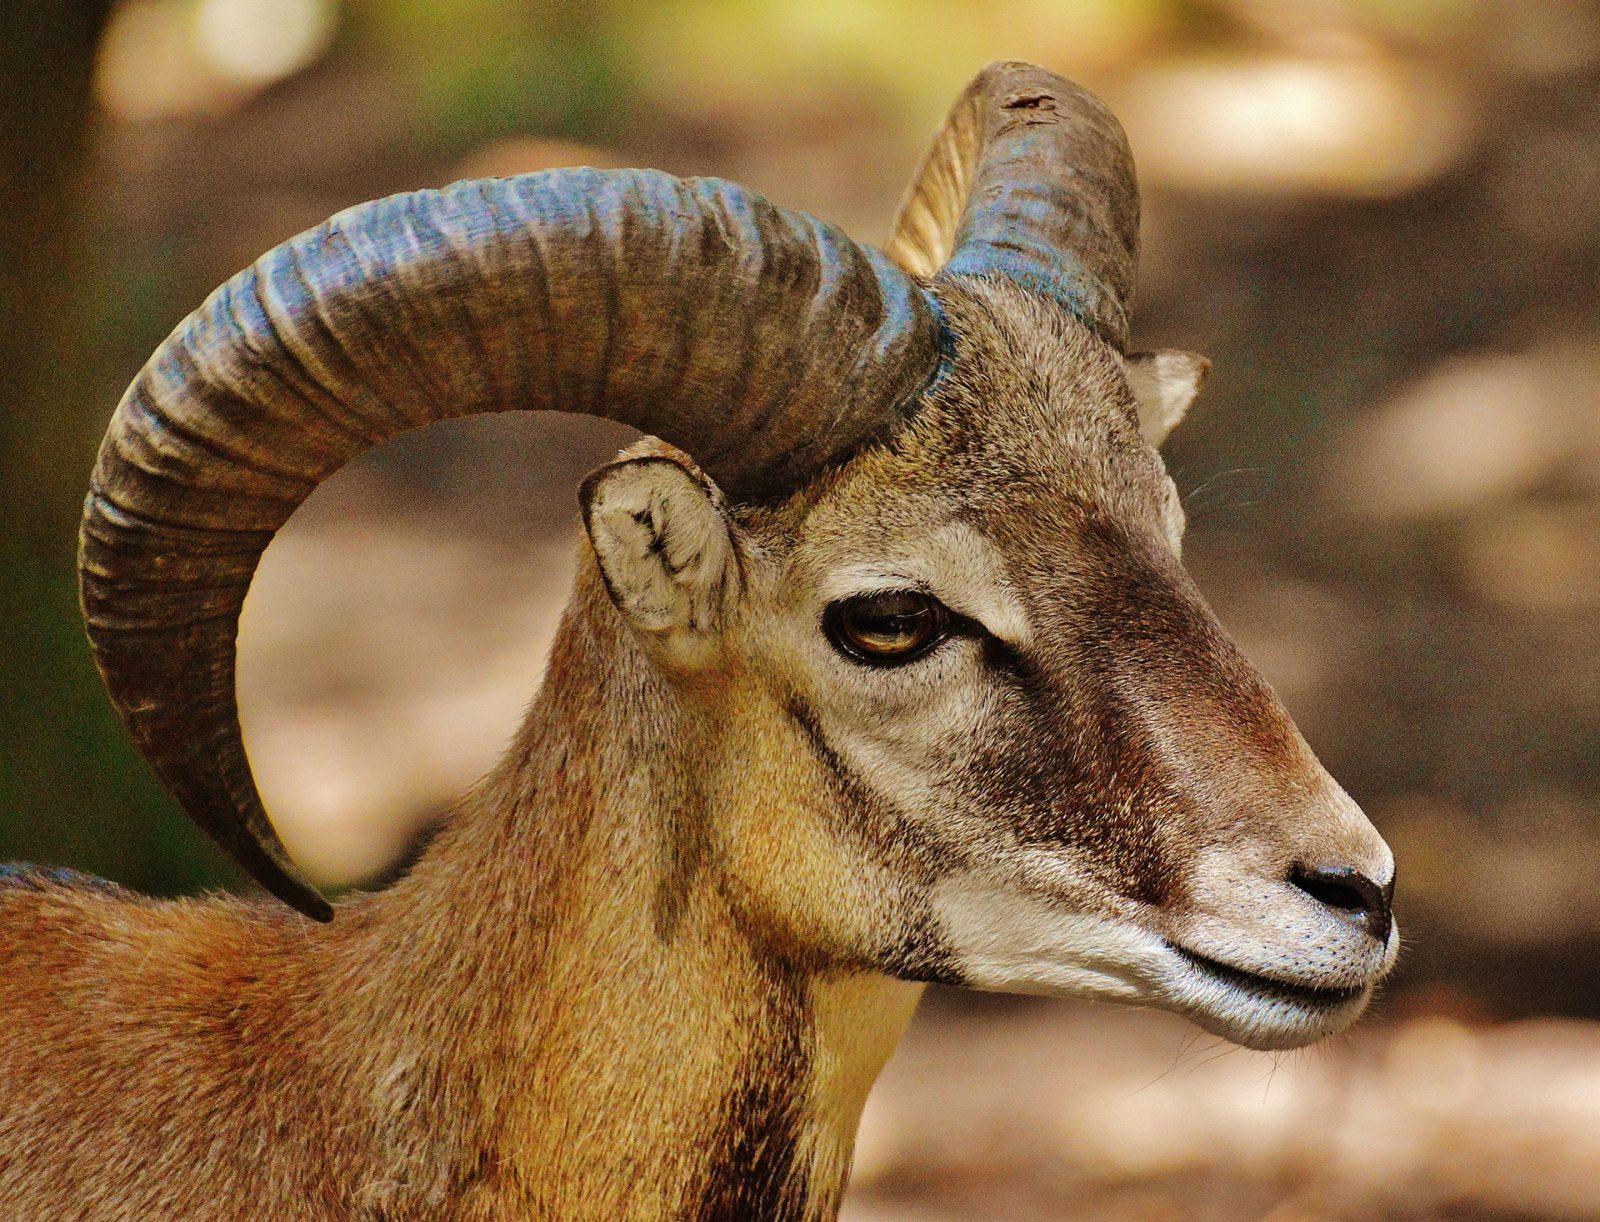 A cabra faz parte de muitos mitos e lendas folclóricas e culturais.